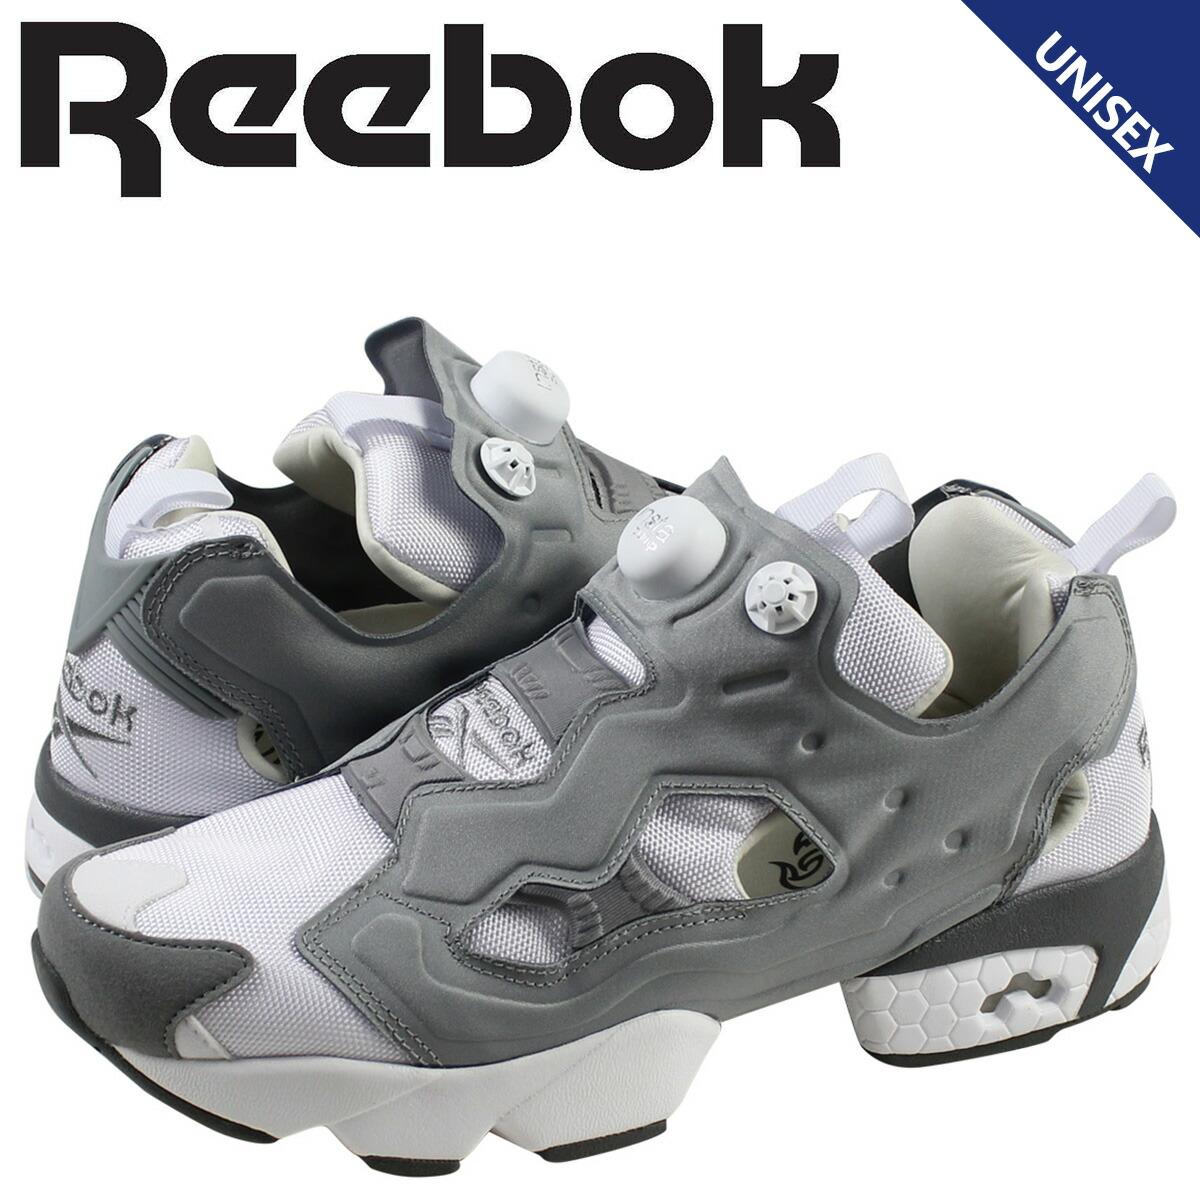 6fdde20b2b654d Reebok Online Store ireferyou.co.uk